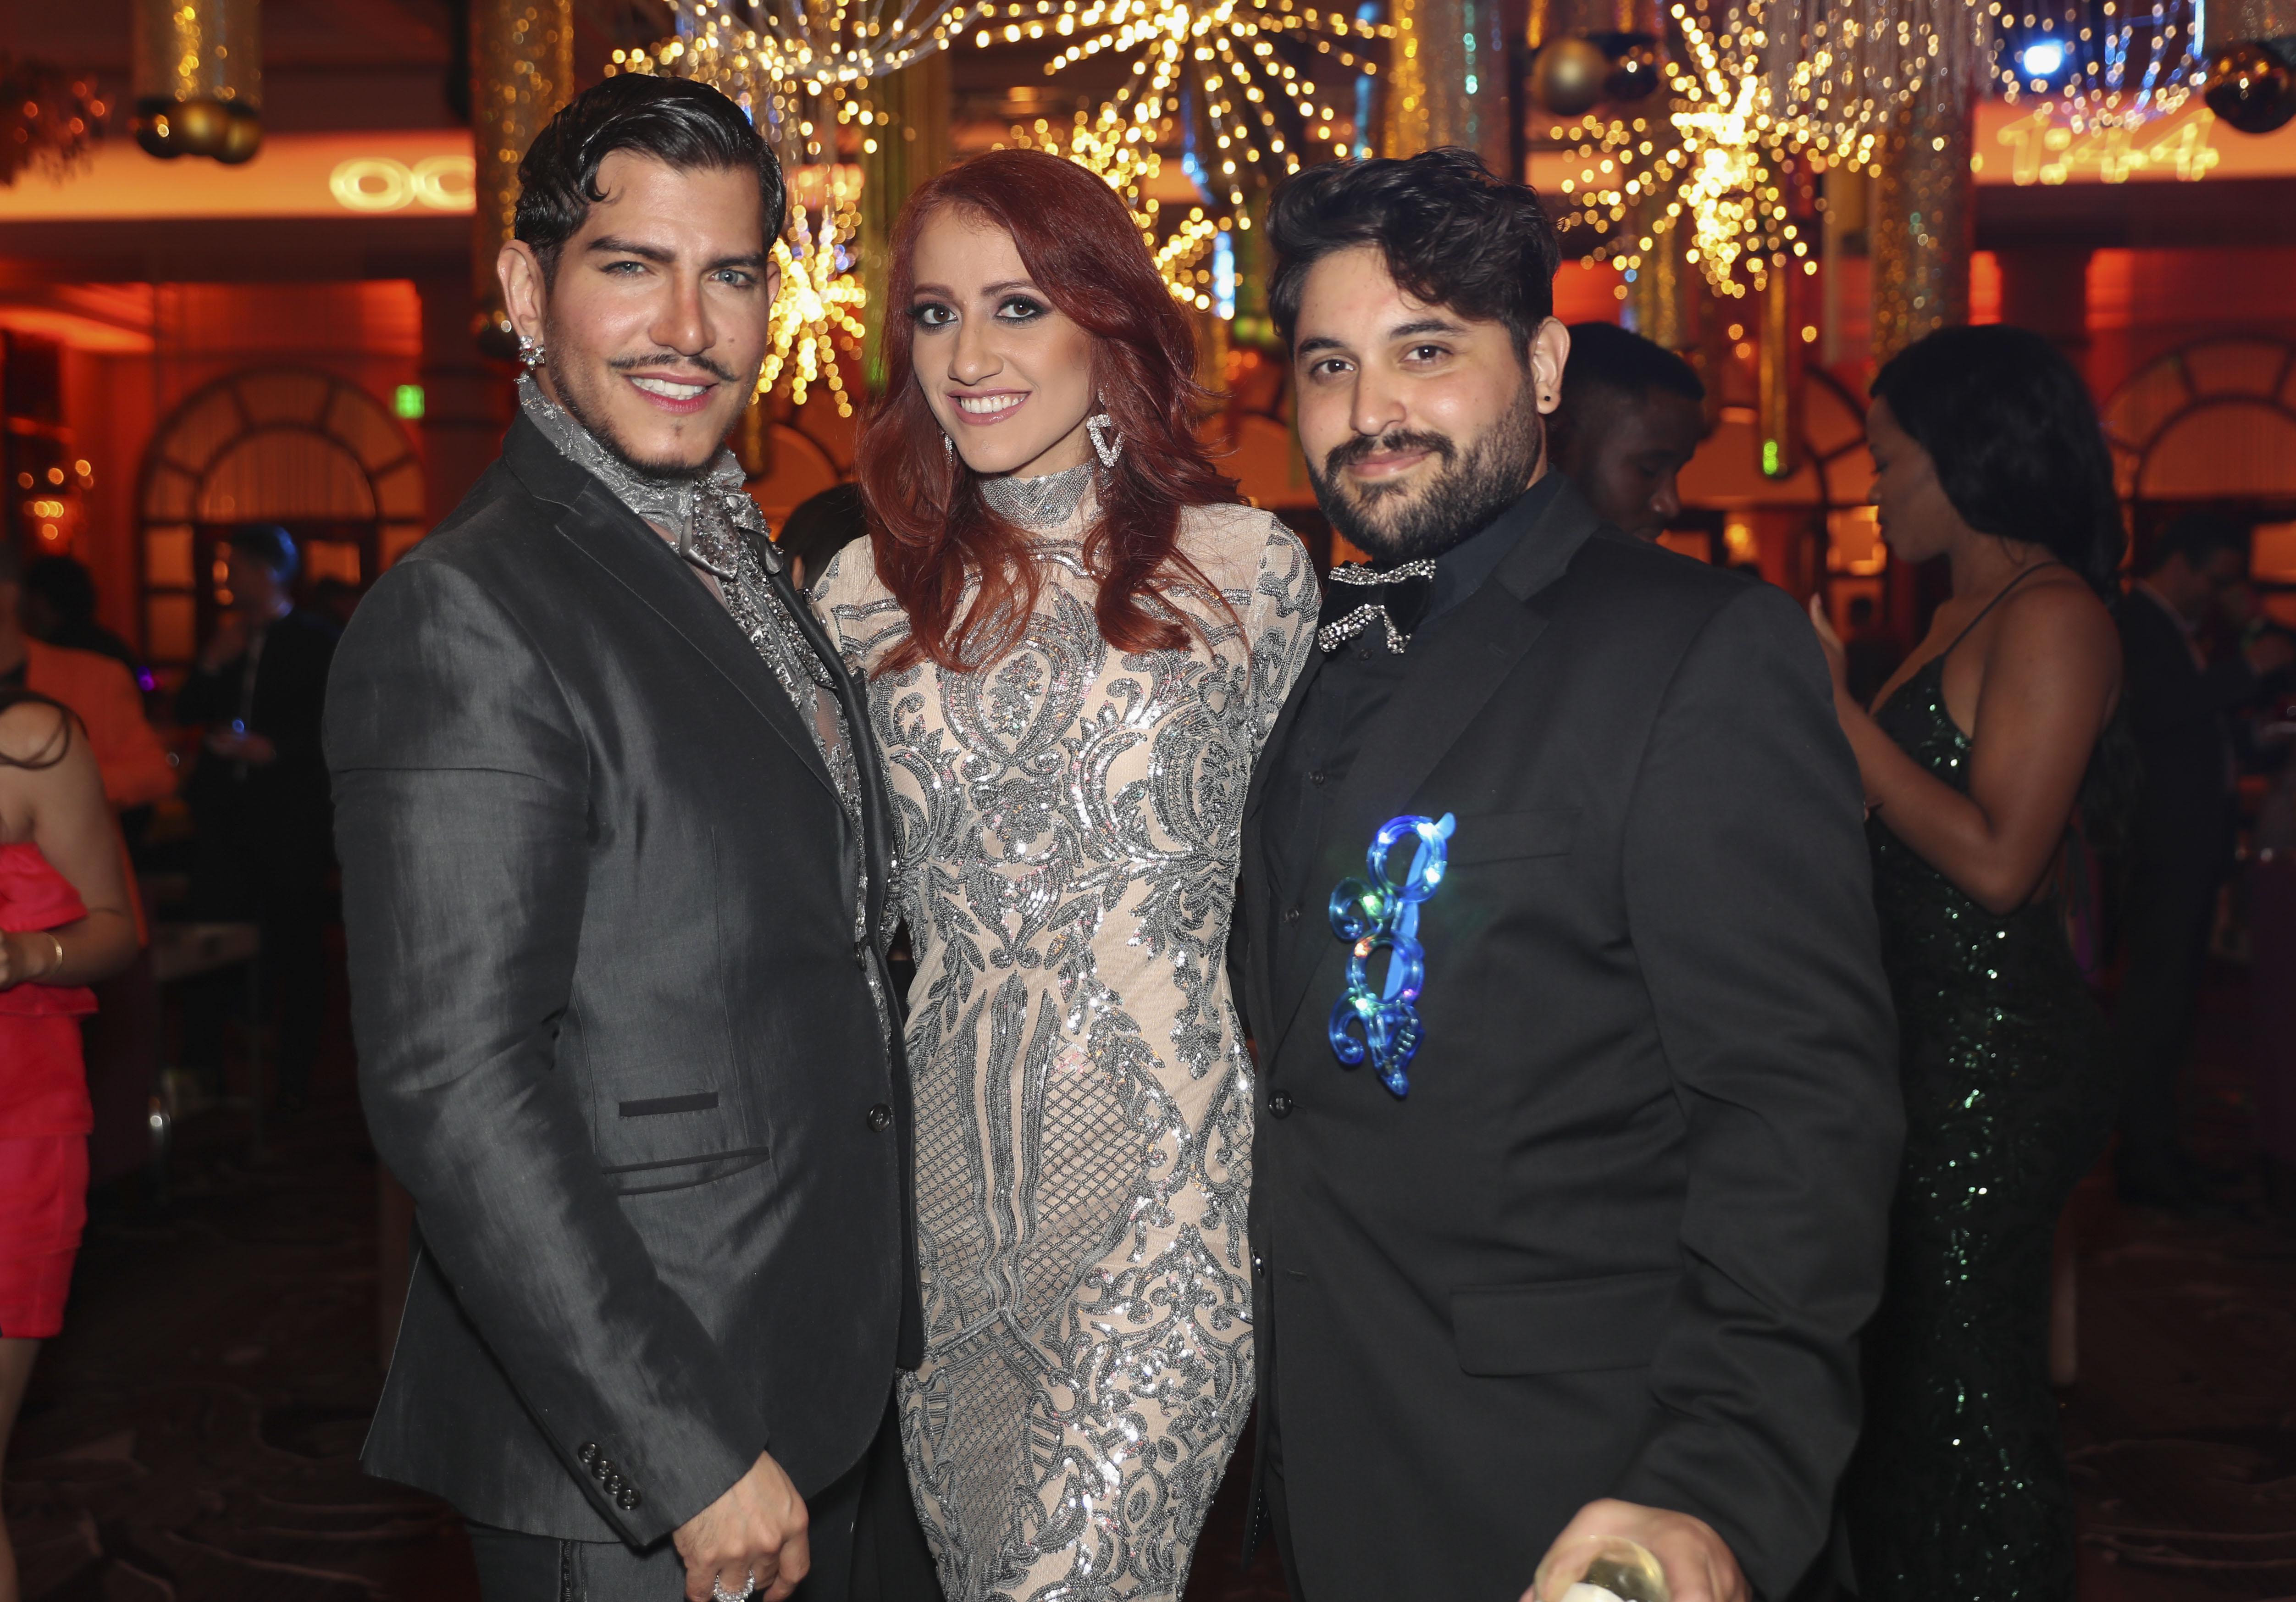 Juan Rodríguez Escalera, Sonia Caraballo y Daniel Ocasio. (Suministrada)